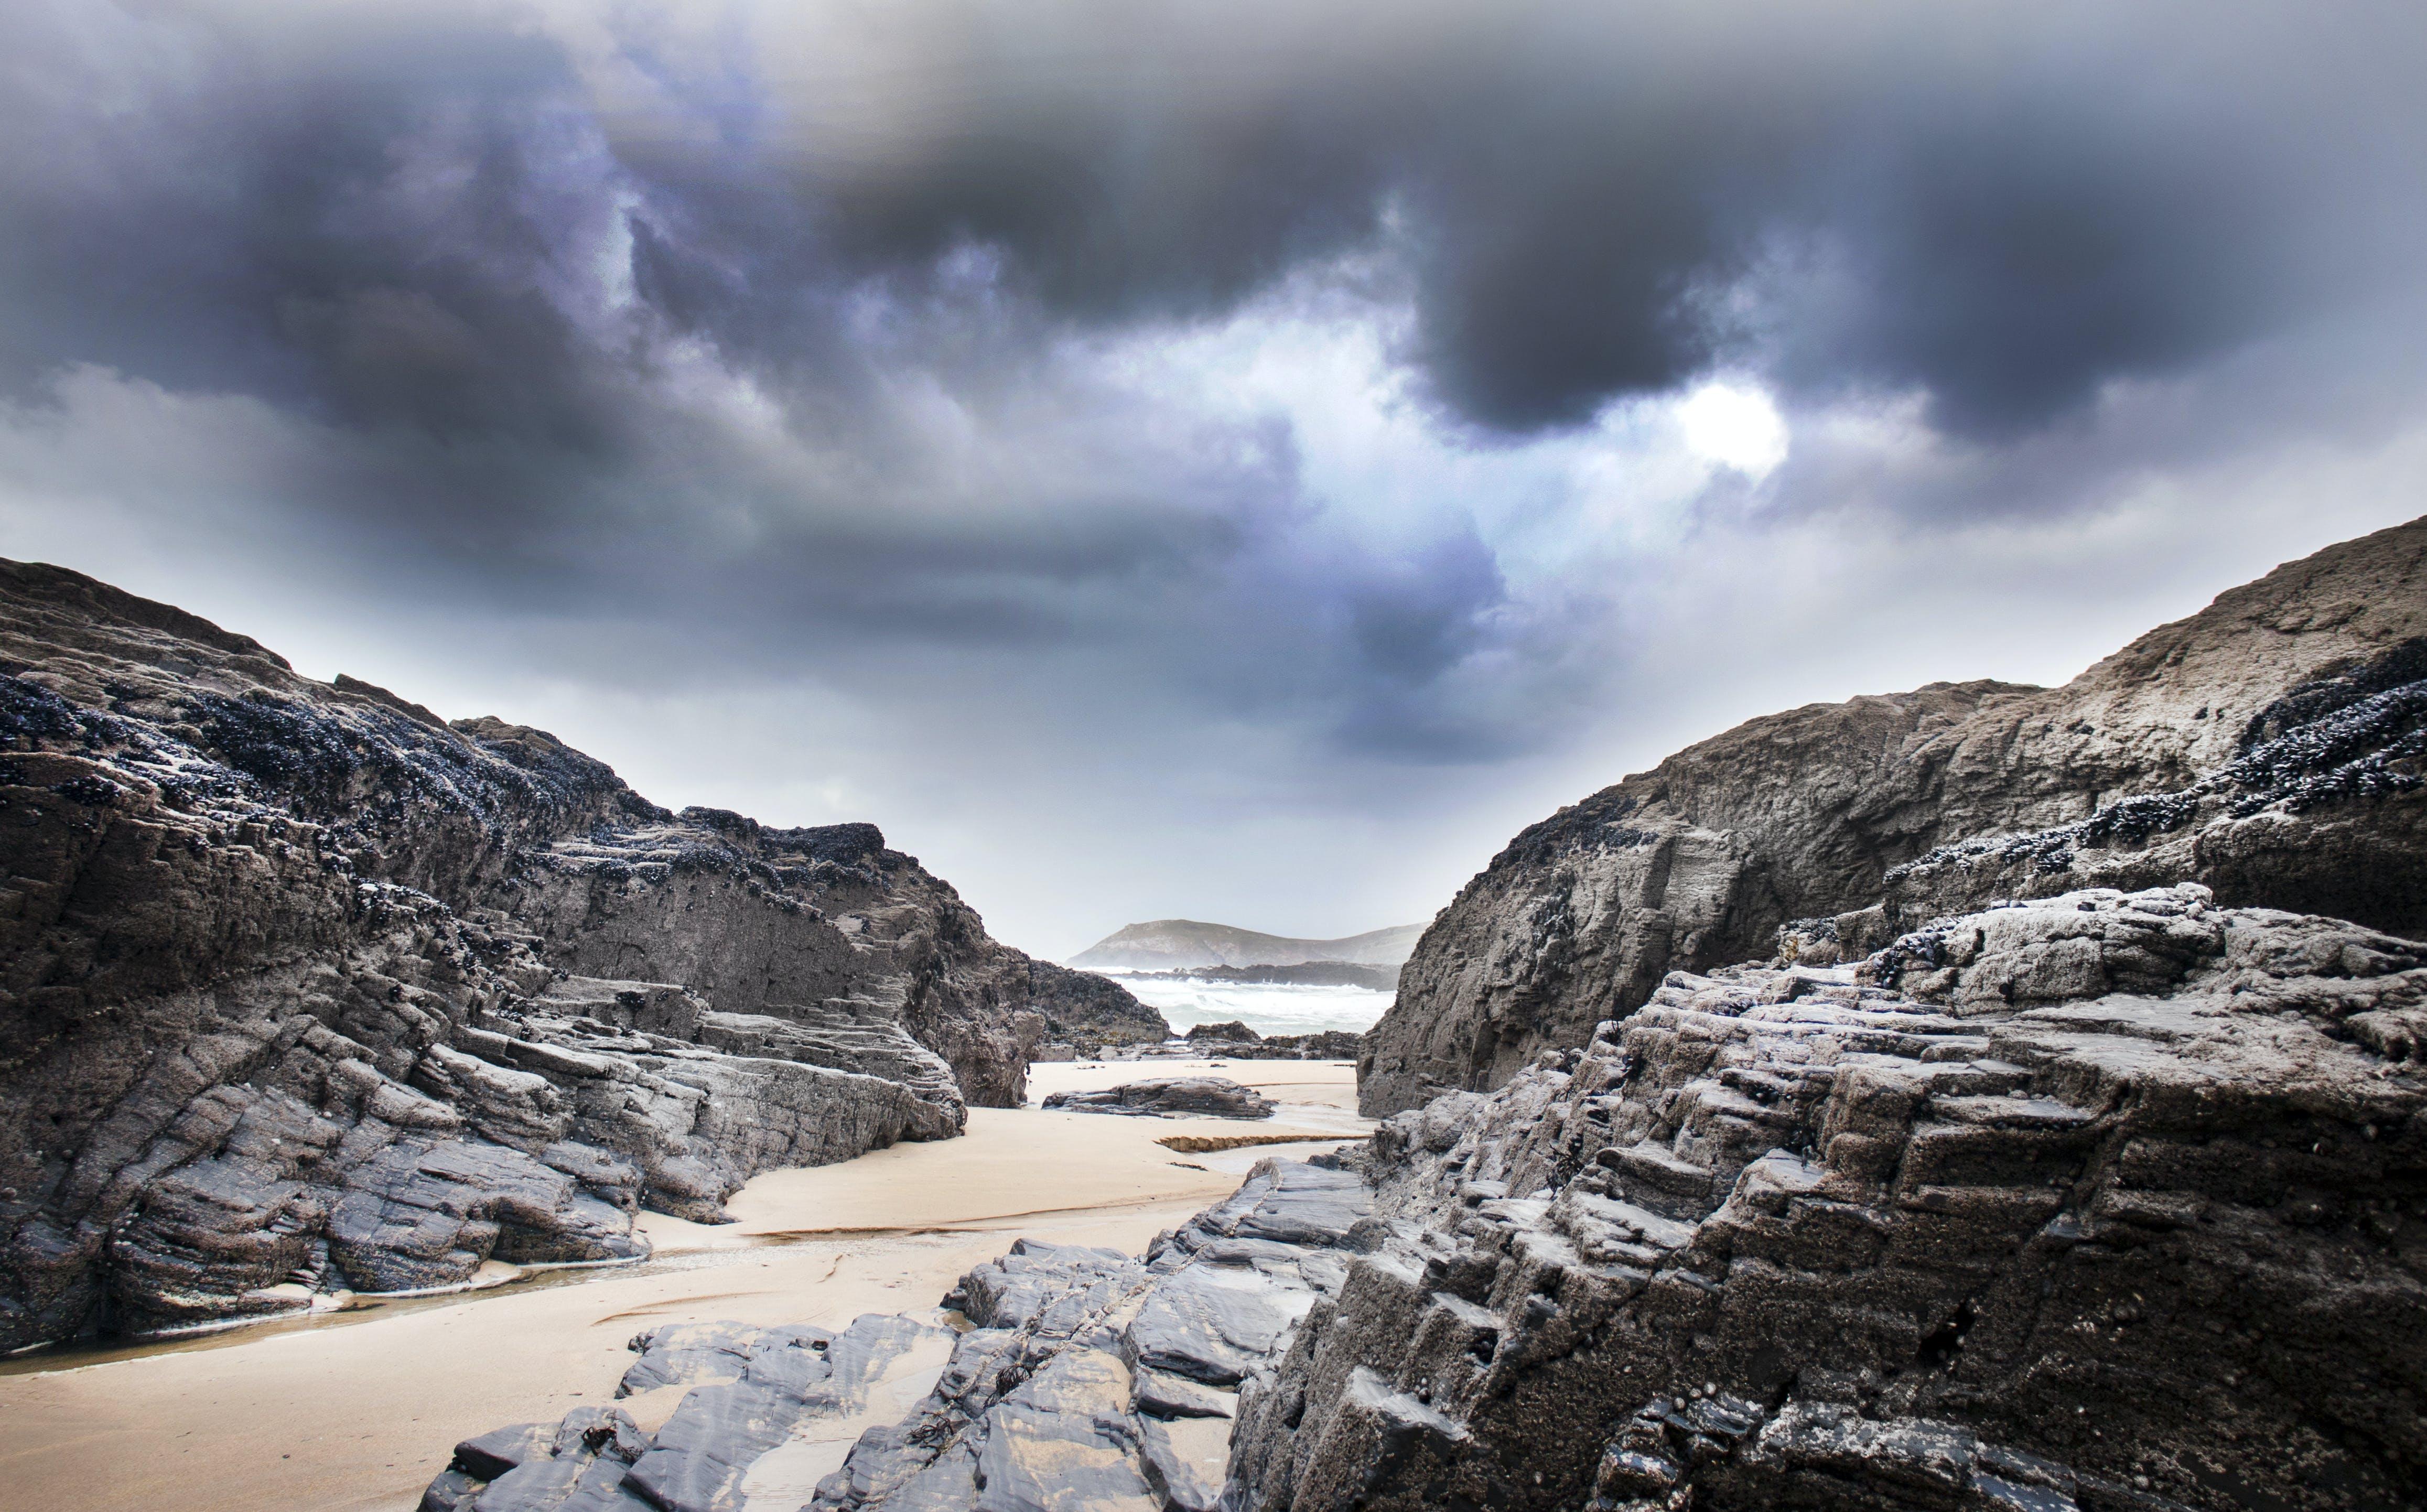 Foto d'estoc gratuïta de aigua, cel ennuvolat, Cornwall, Costa